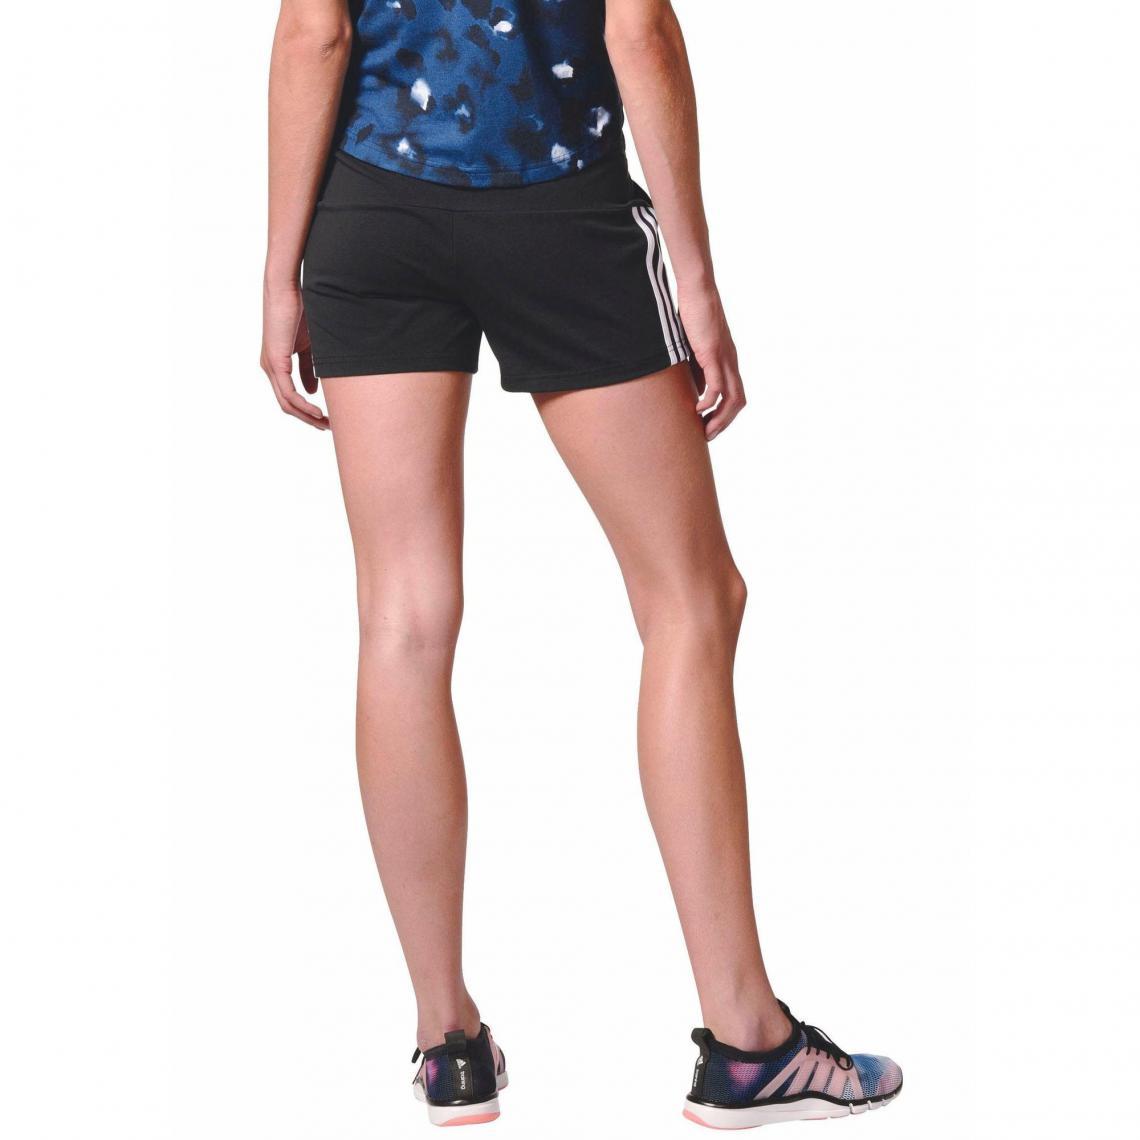 Shorts de sport femme Adidas Performance Cliquez l image pour l agrandir. Short  court femme Essentials 3 Stripes ... 892fe02c993